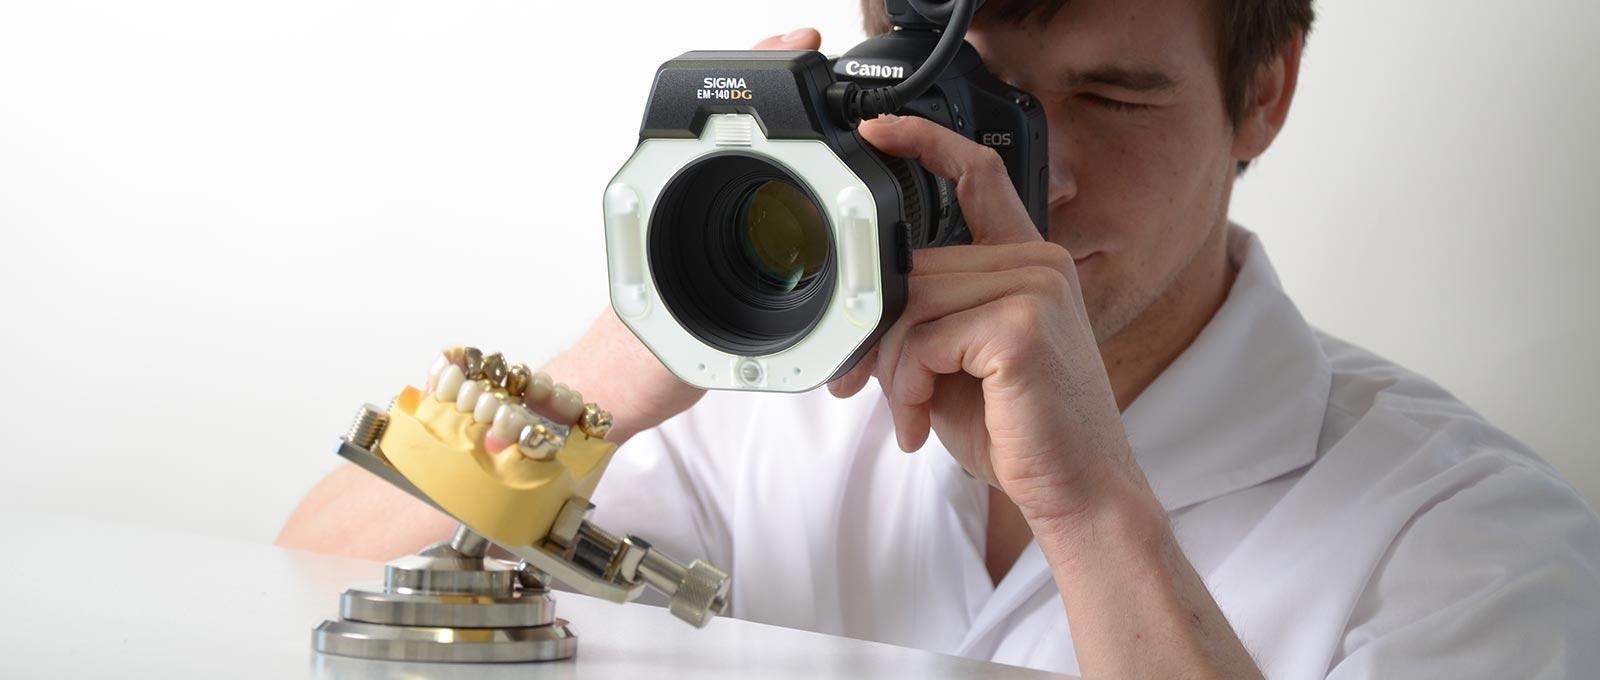 Ein Zahntechniker von Rißmann Zahntechnik fotografiert eine zahntechnische Arbeit.